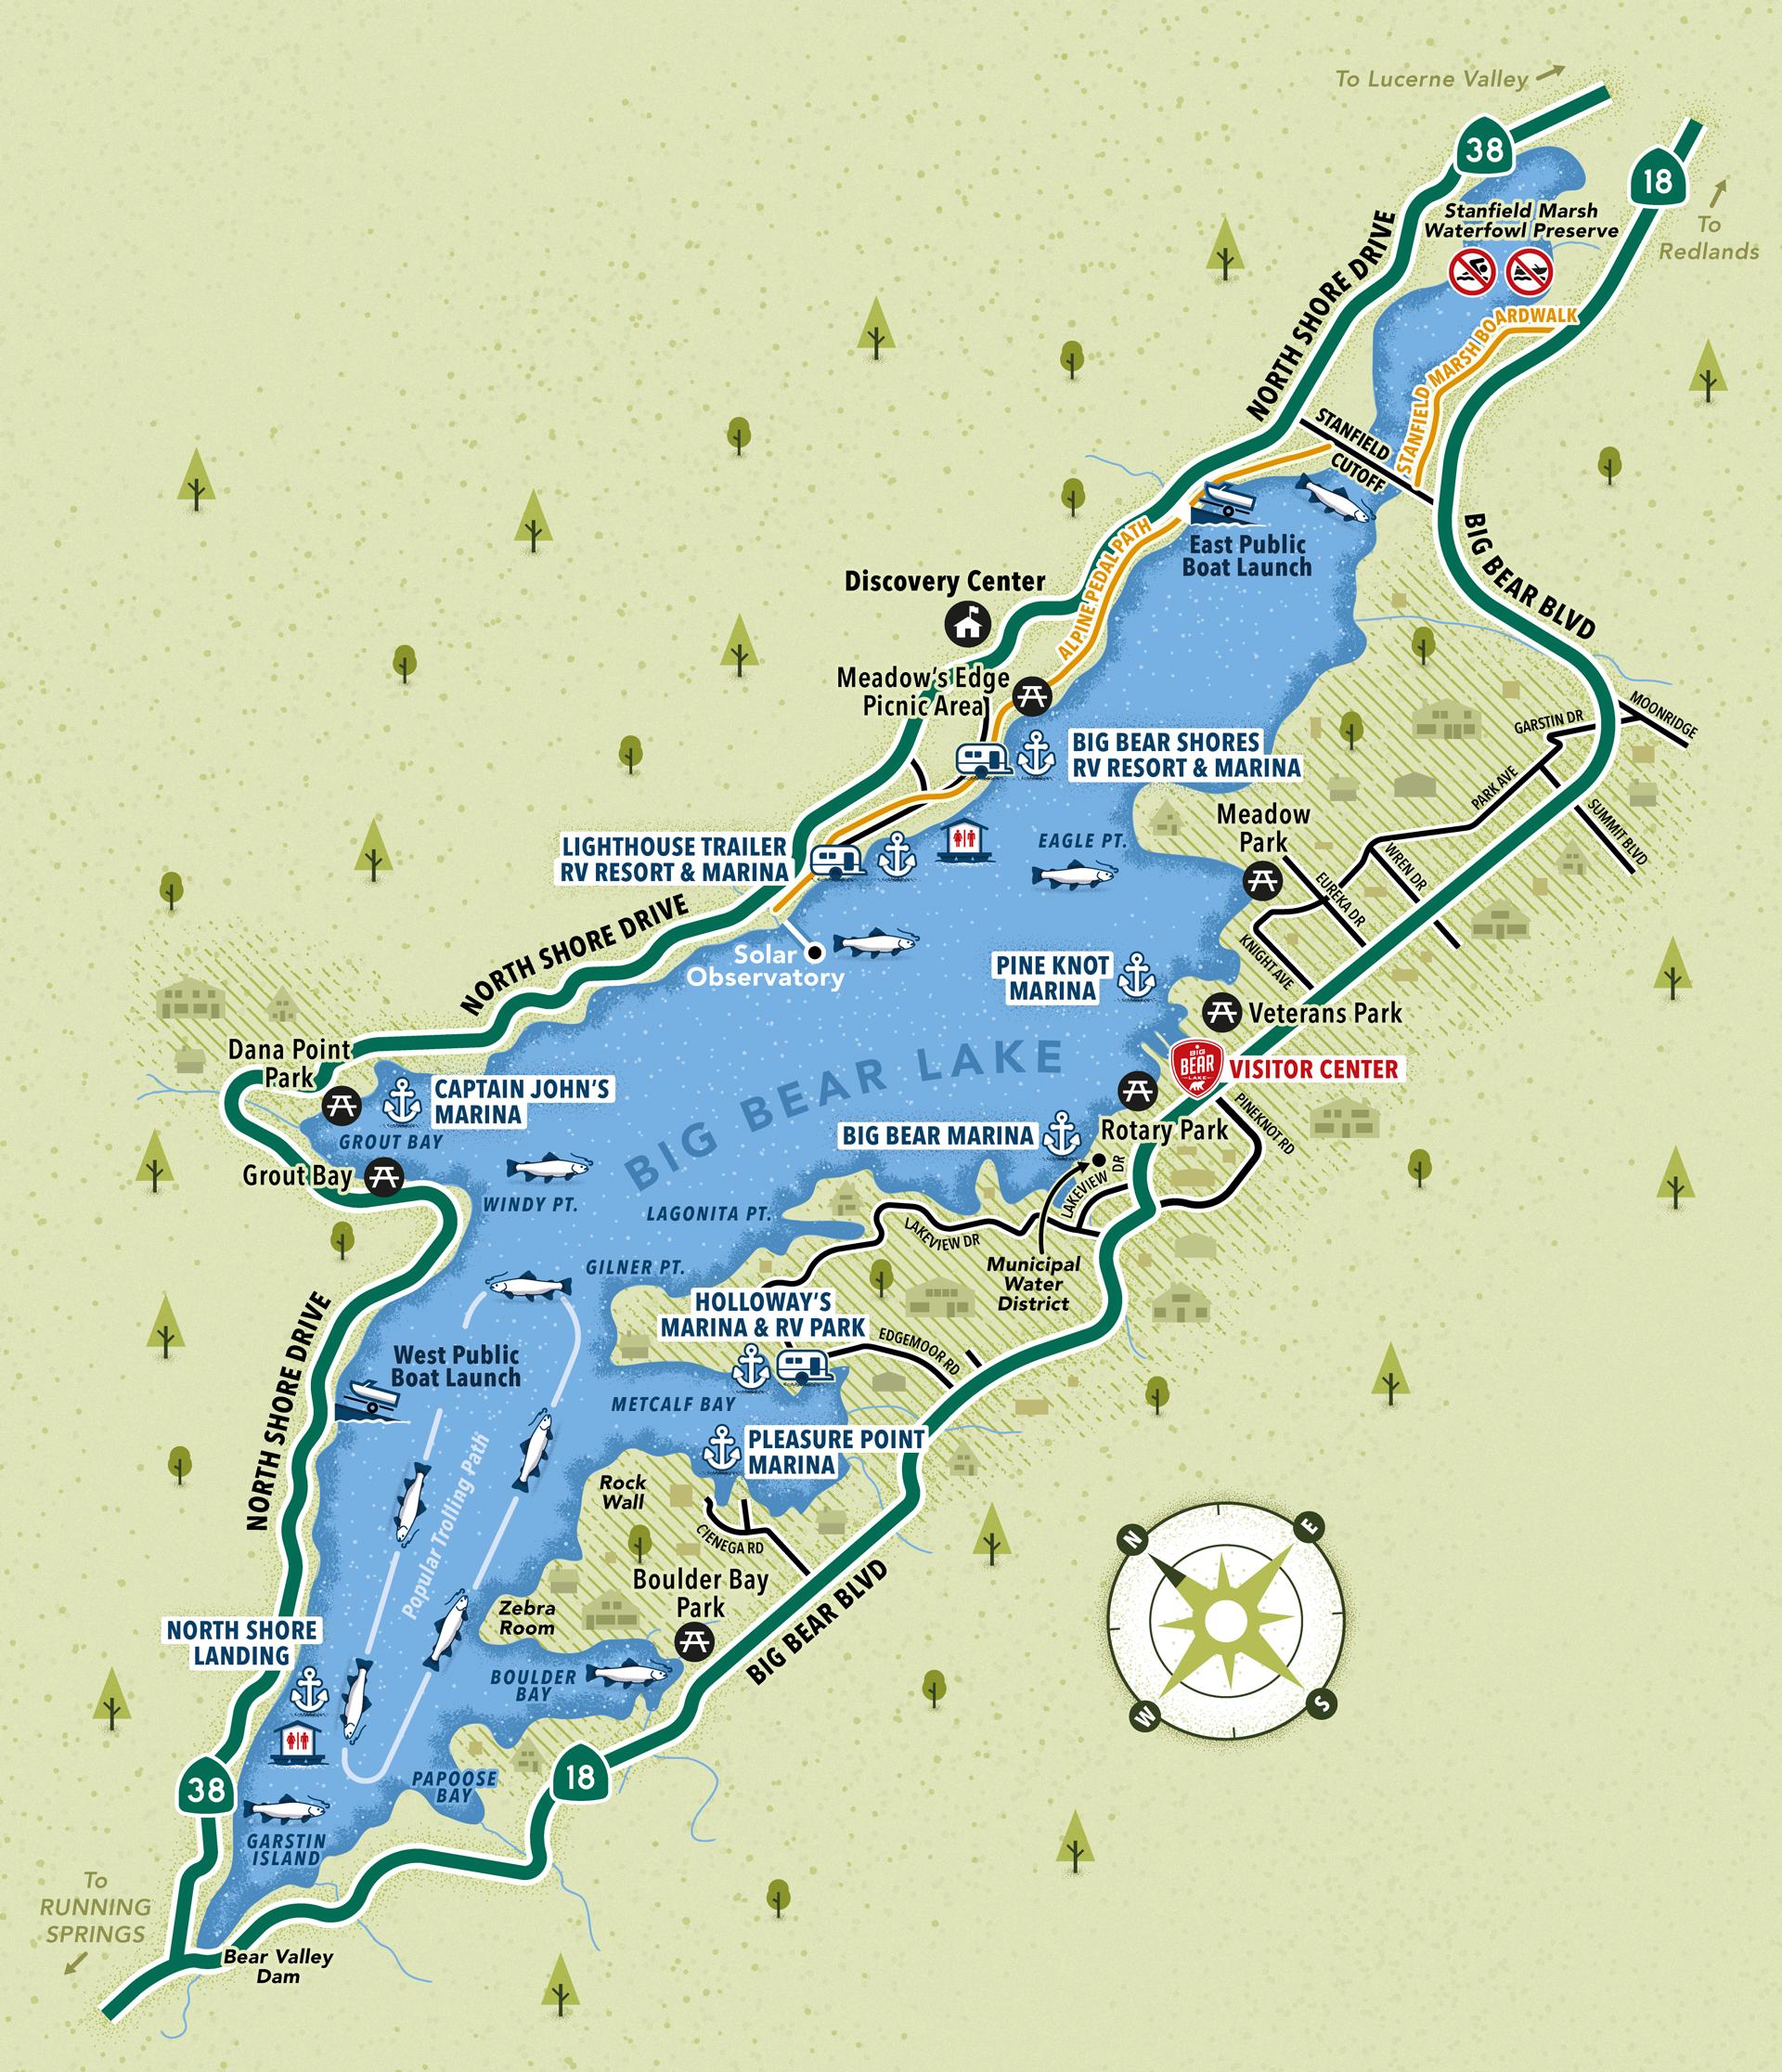 Big Bear Lake map of water activities and marinas